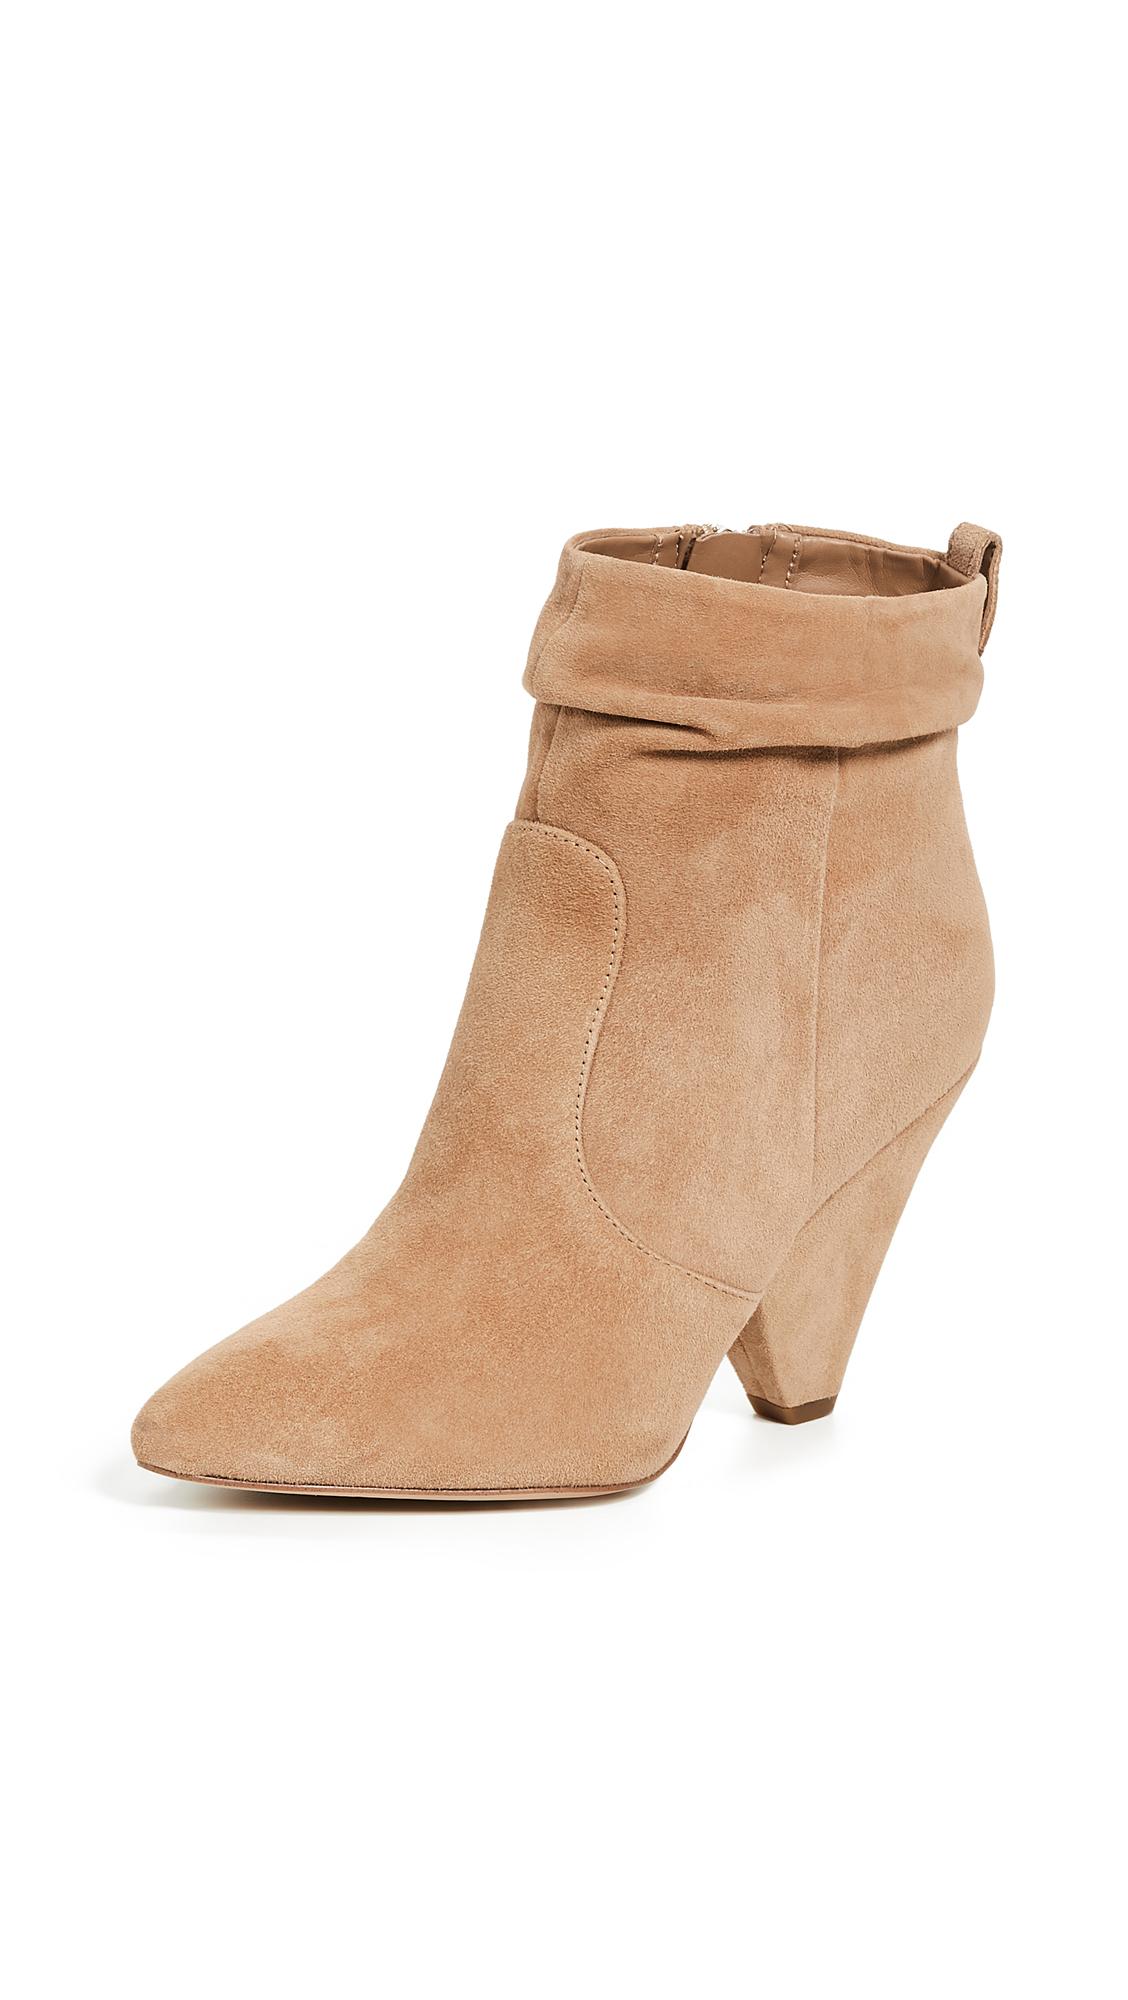 Sam Edelman Roden Slouch Boots - Golden Caramel